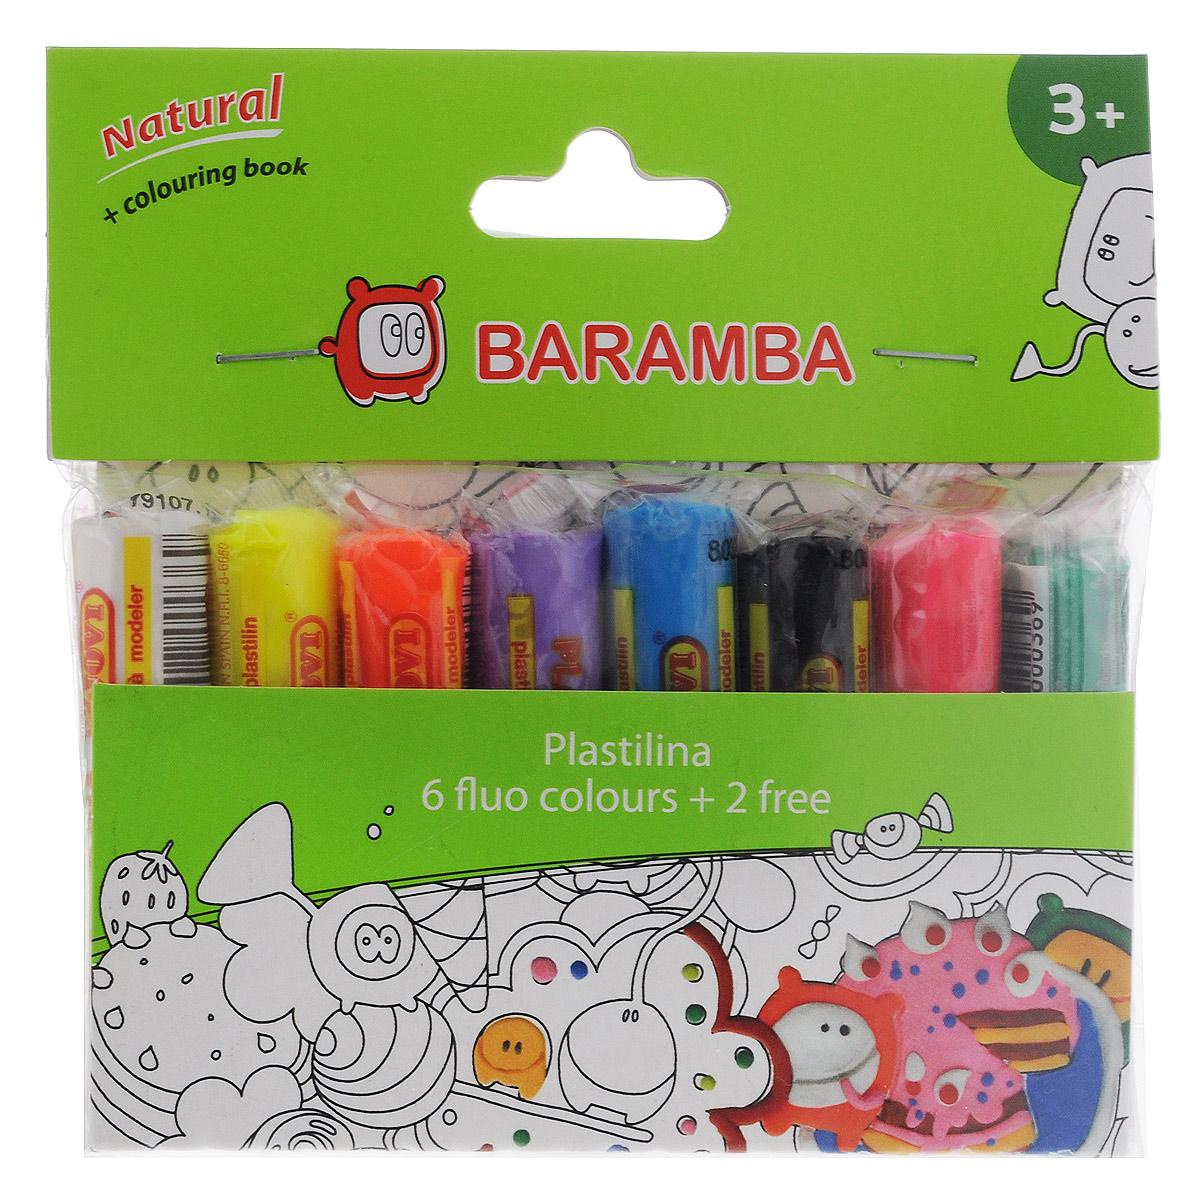 Пластилин на натуральной основе Baramba, с пищевыми красителями, 8 флоурисцветных цветов41774Пластилин Baramba это отличная возможность познакомить ребенка с еще одним из видов изобразительного творчества, в котором создаются объемные образы и целые композиции. В набор входит пластилин 8 ярких цветов (белый, желтый, оранжевый, фиолетовый, голубой, черный, розовый, зеленый), раскраскаЦвета пластилина легко смешиваются между собой, и таким образом можно получить новые оттенки. Пластилин на растительной основе имеет яркие, красочные цвета и не липнет к рукам, не сохнет.Техника лепки богата и разнообразна, но при этом доступна даже маленьким детям. Занятие лепкой не только увлекательно, но и полезно для ребенка. Оно способствует развитию творческого и пространственного мышления, восприятия формы, фактуры, цвета и веса, развивает воображение и мелкую моторику.